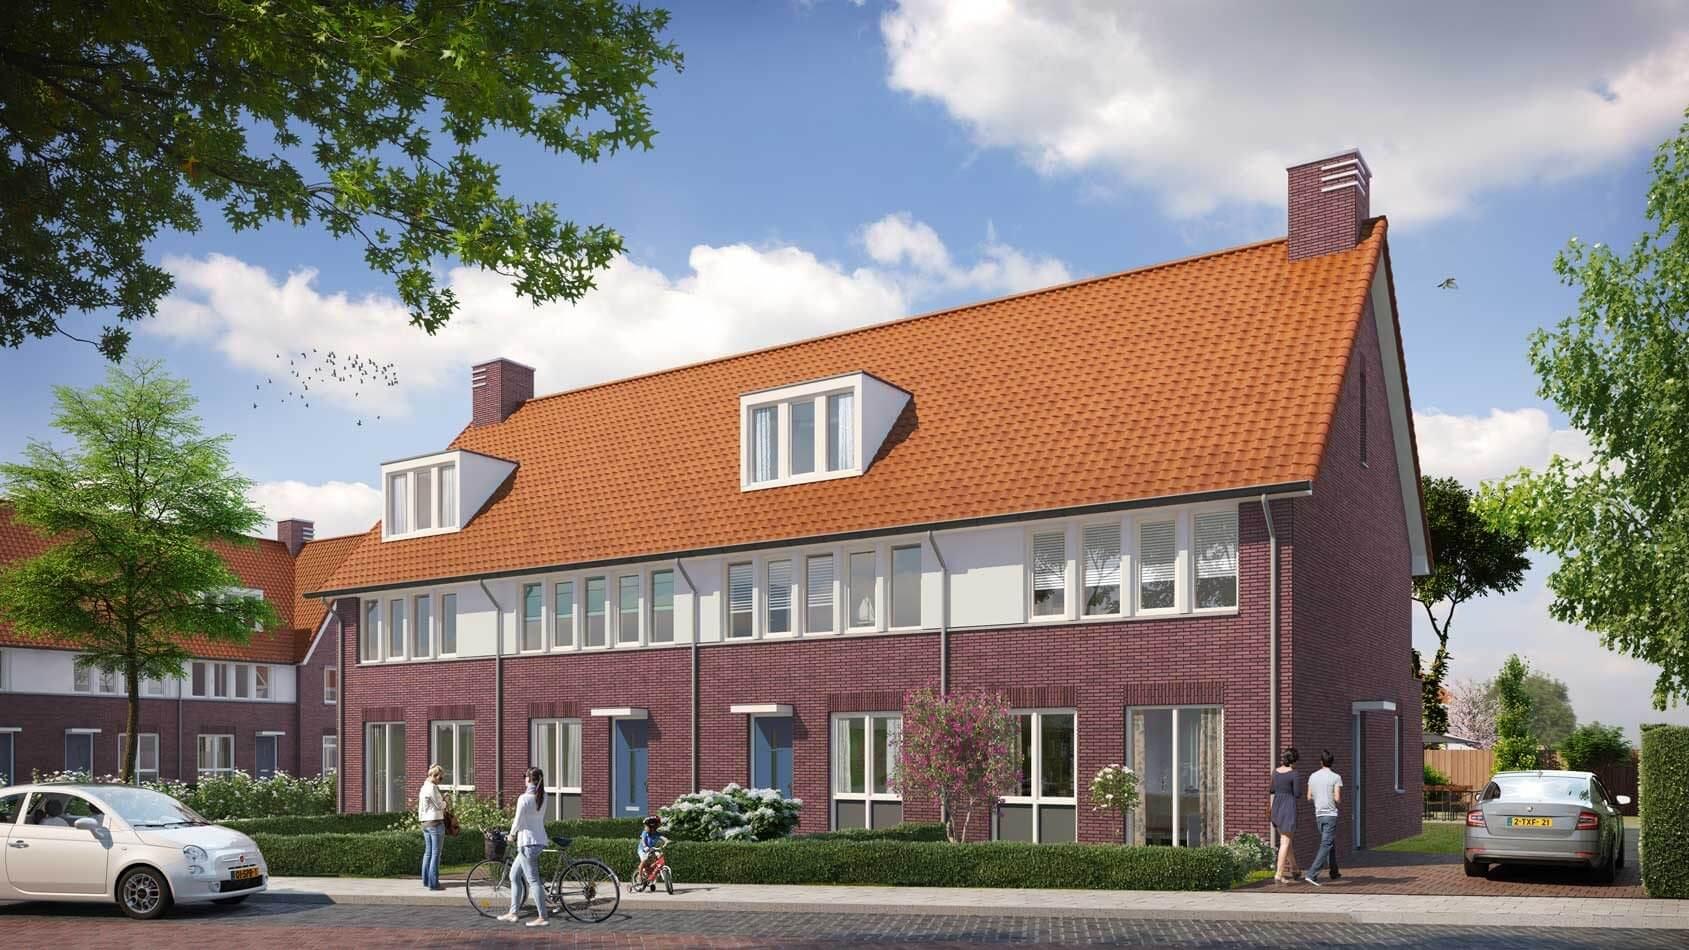 Tuindorp-Baarschot-Werk-yoreM-Nieuwbouw-Dorst